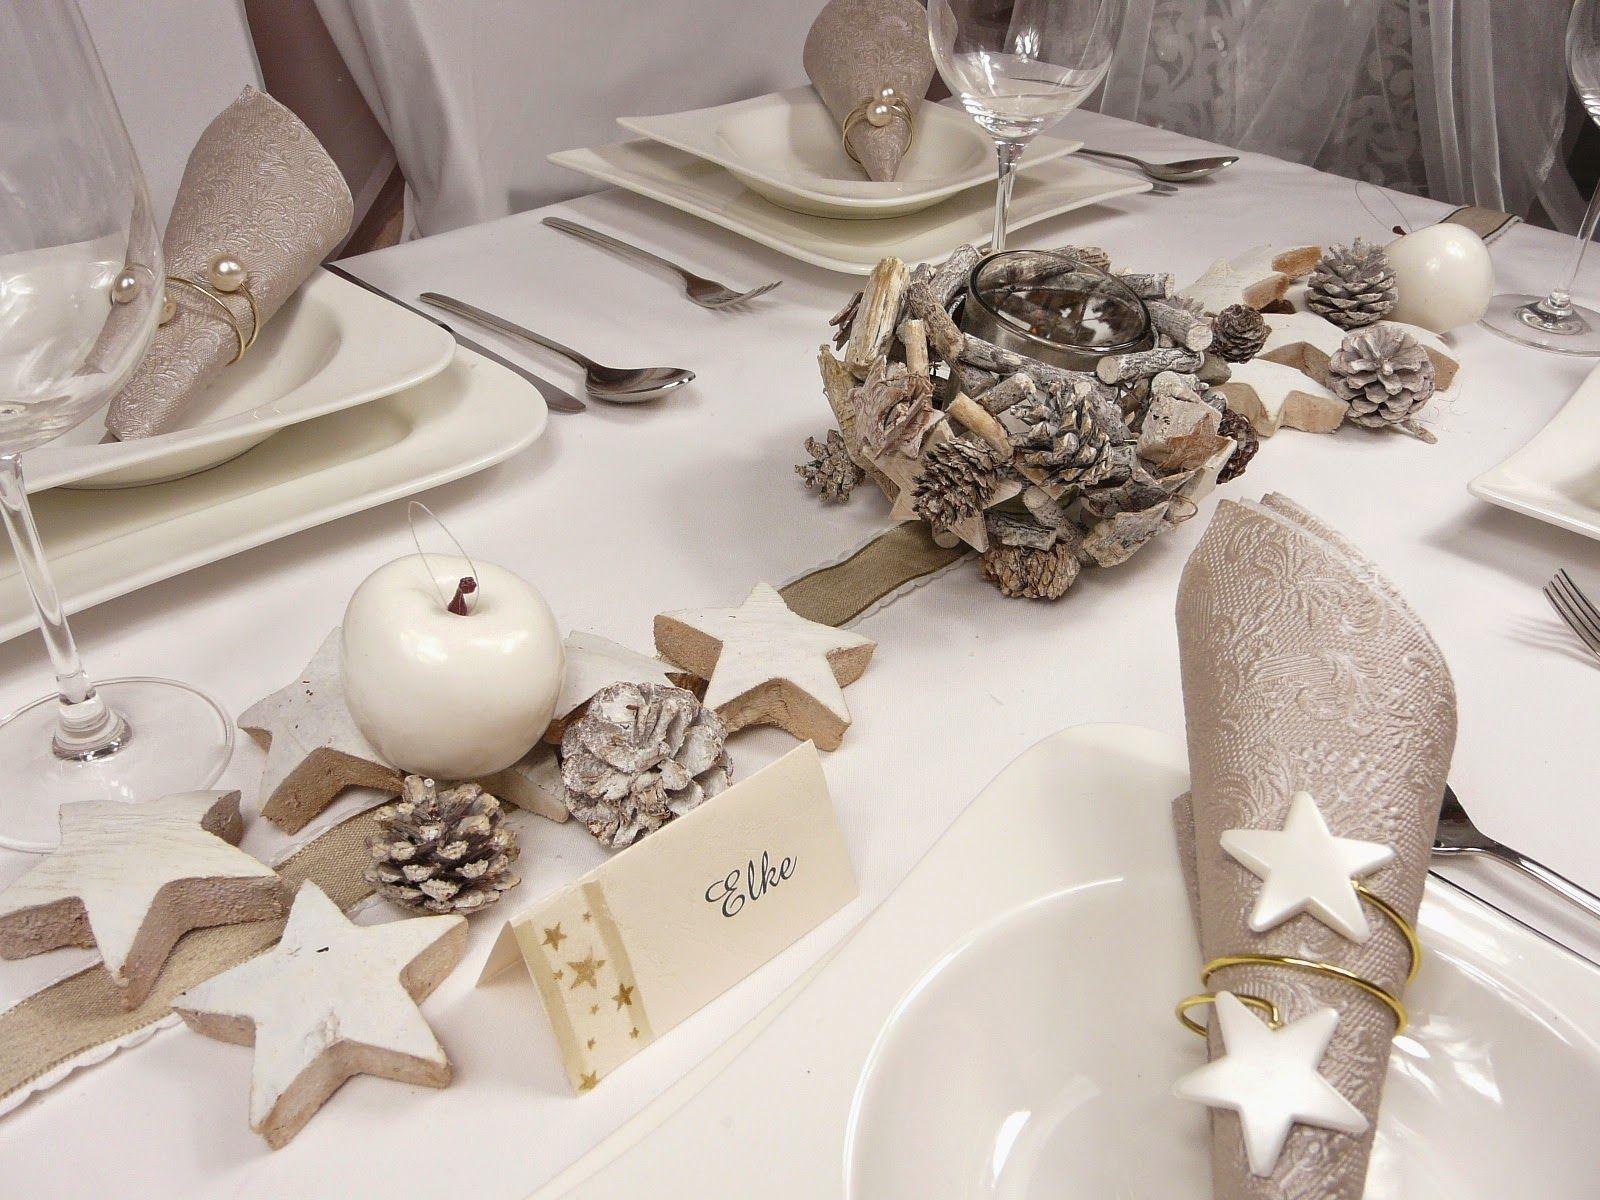 tischdeko weihnachten ideen  GoogleSuche  Weihnachts Tischdeko  Table decorations Wedding